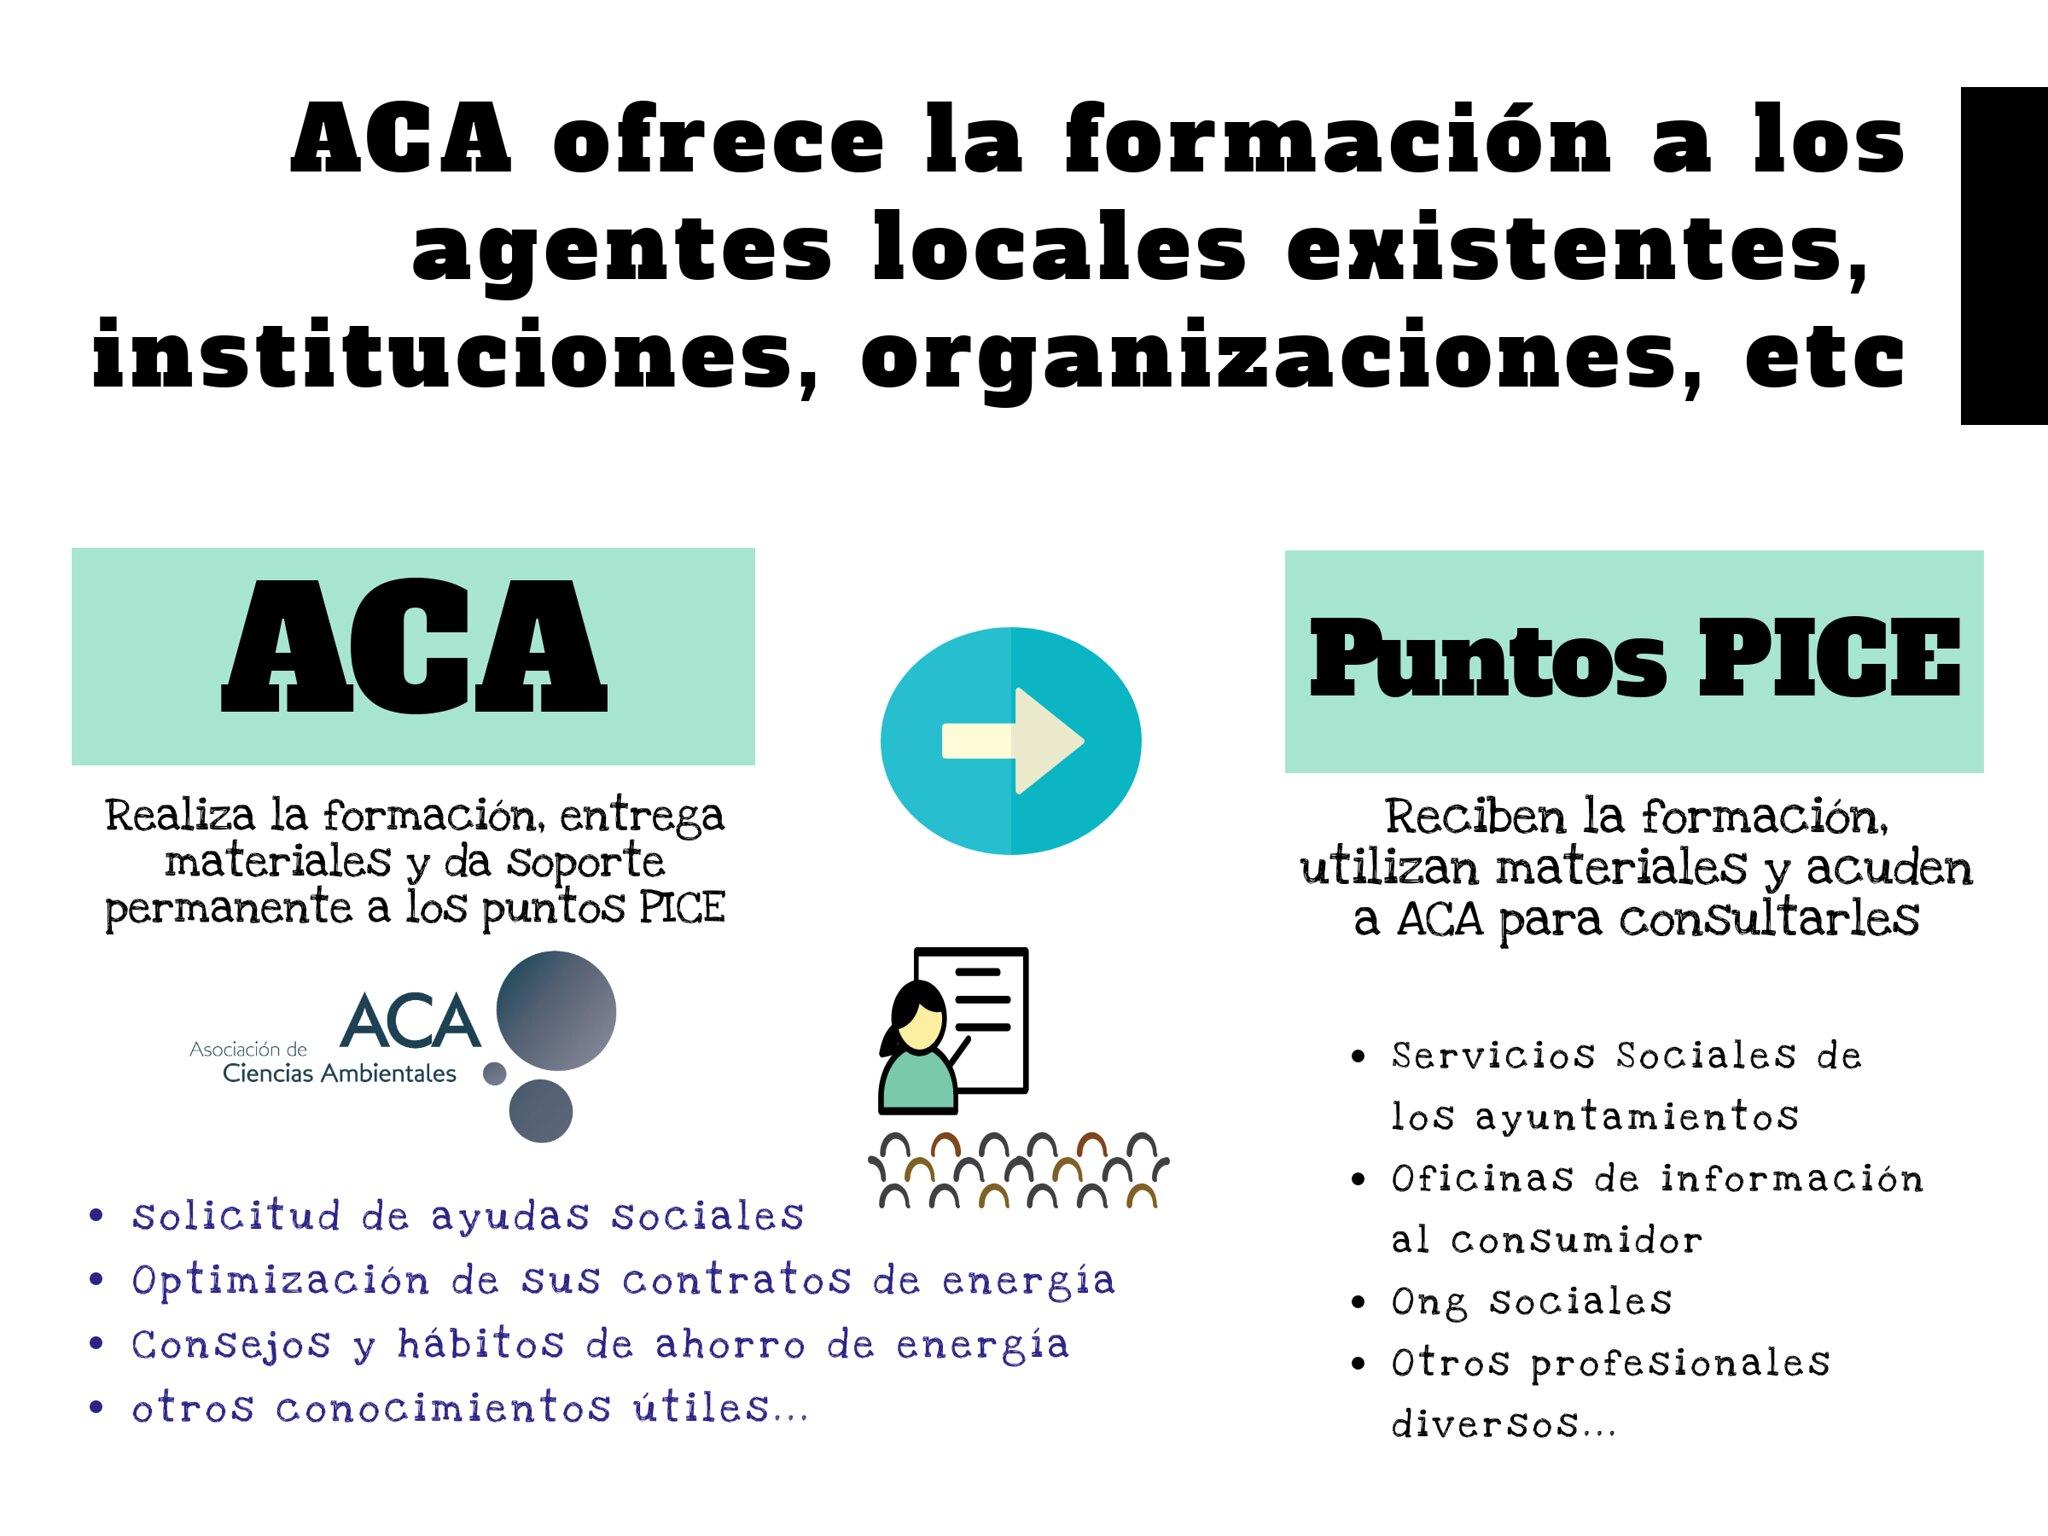 Acciones de soporte por parte de ACA